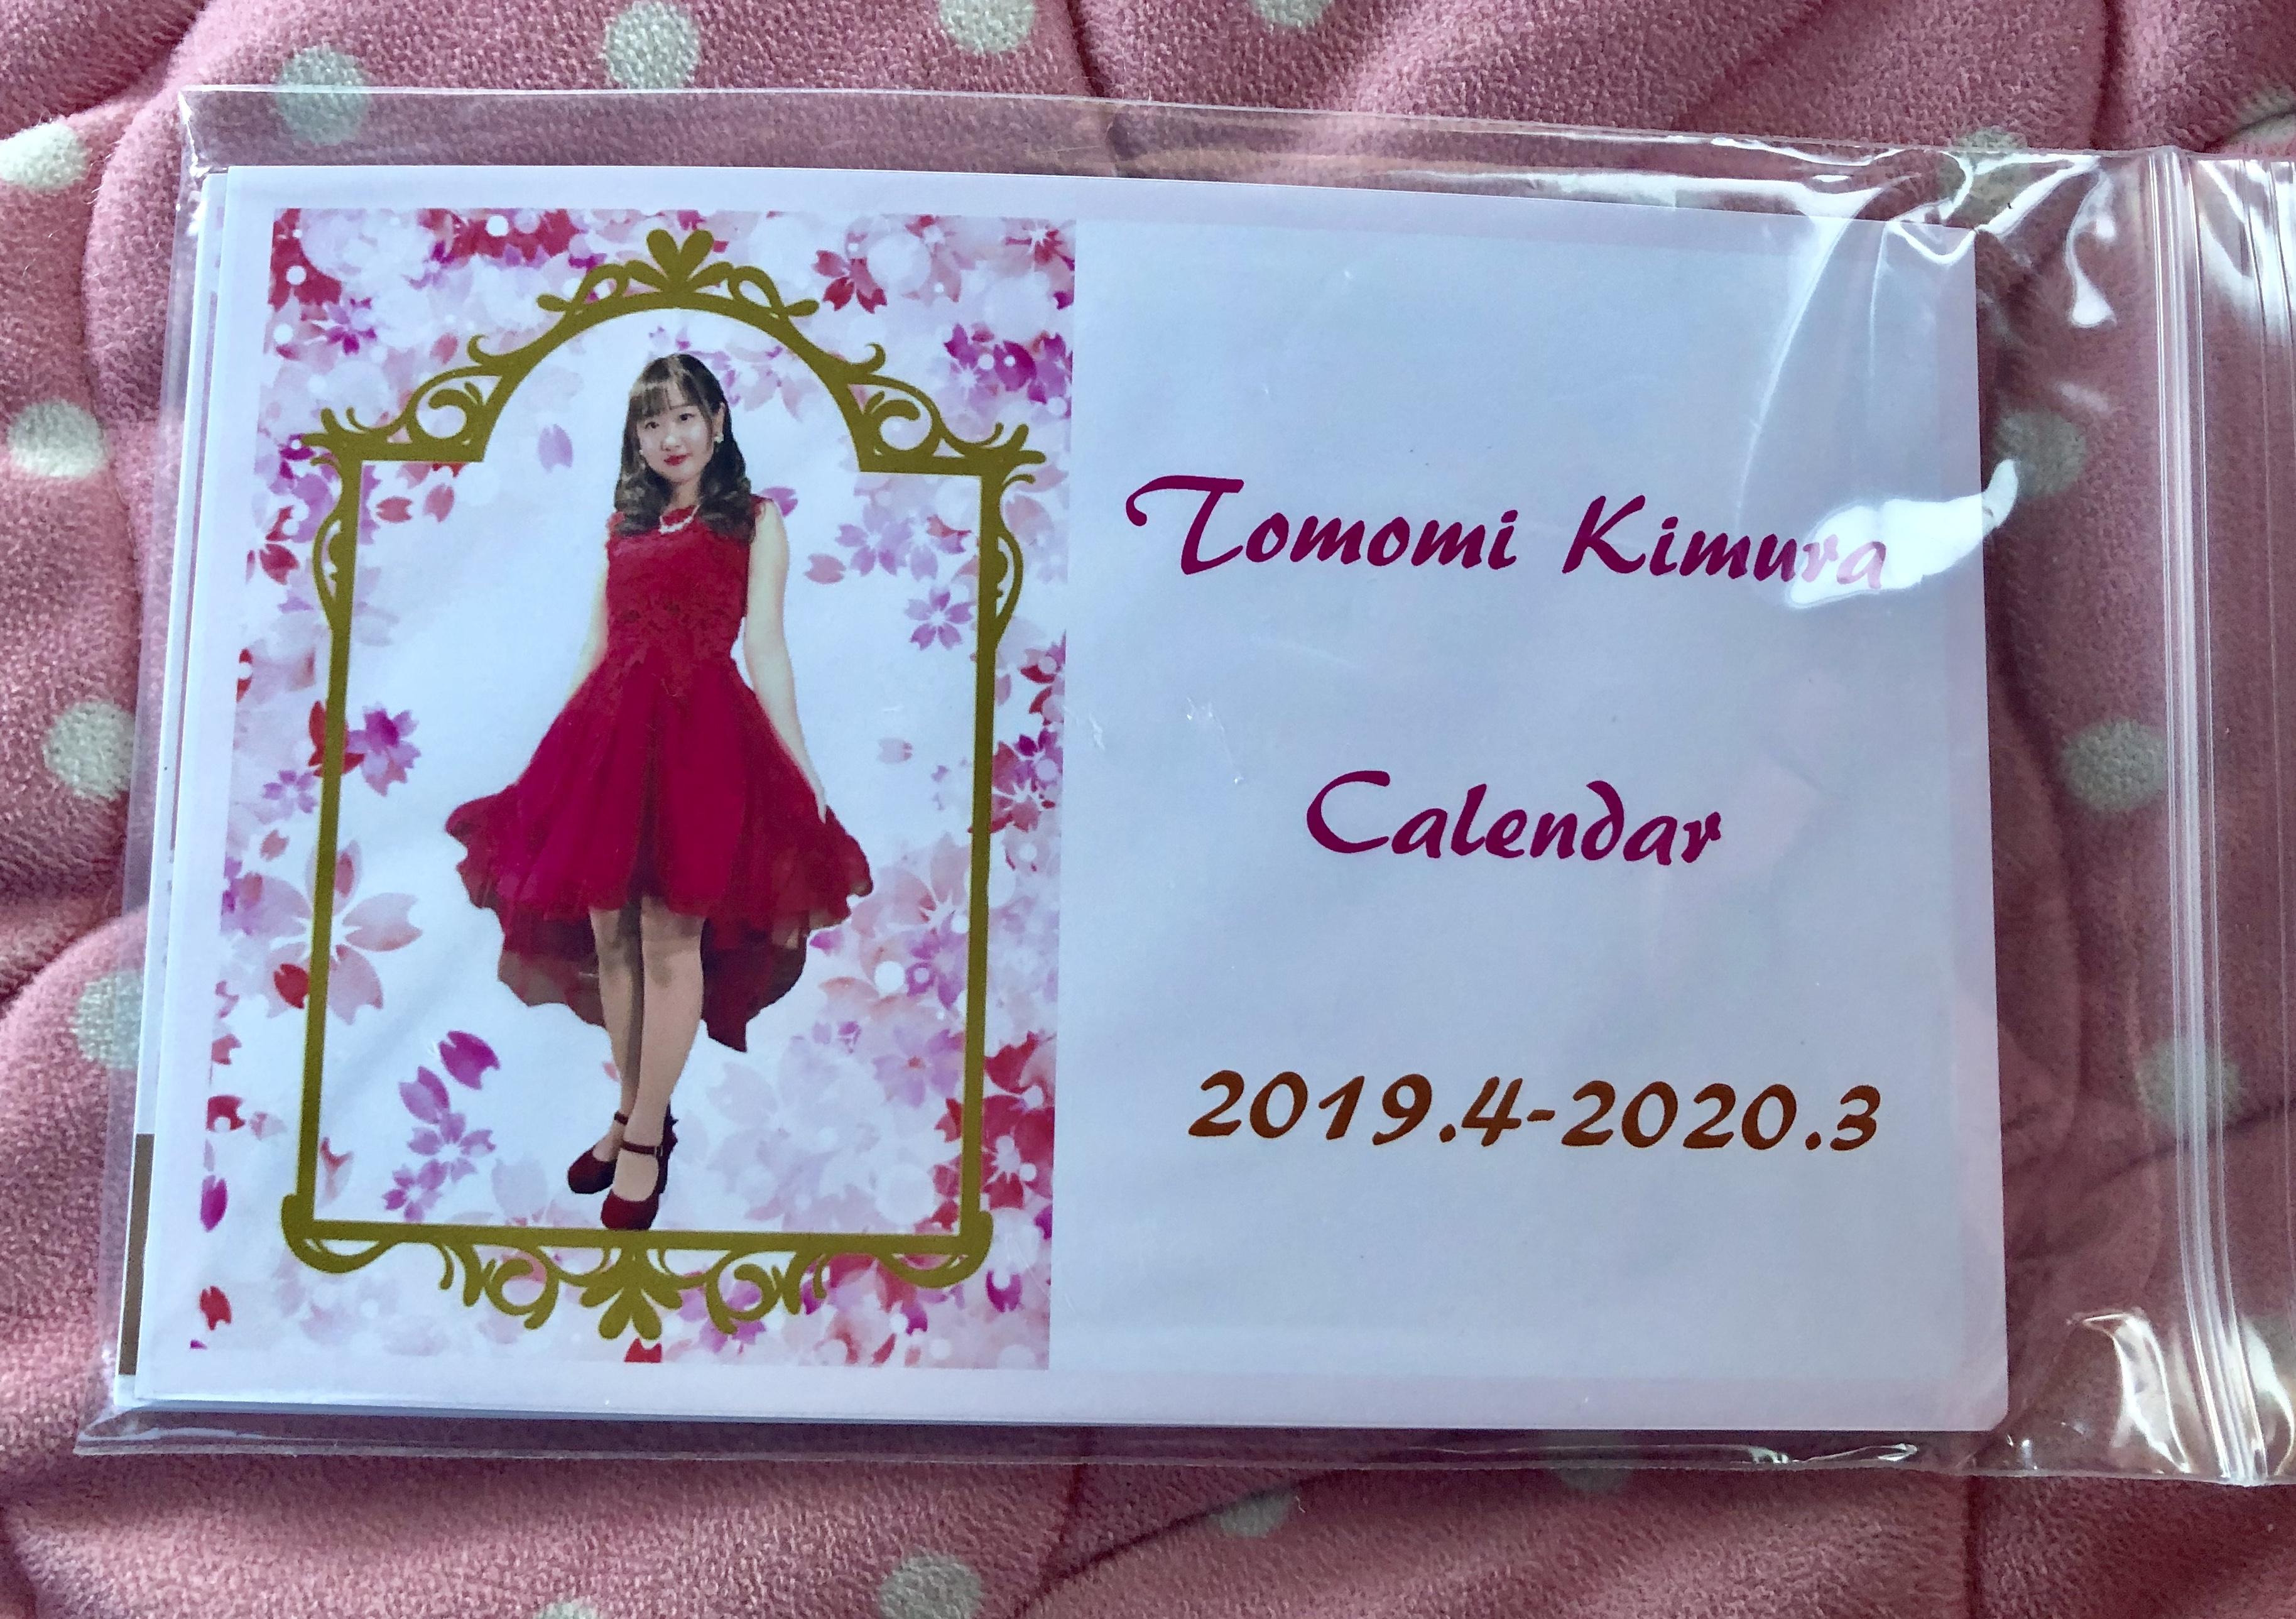 木村友美カレンダー 2019.4〜2020.03画像